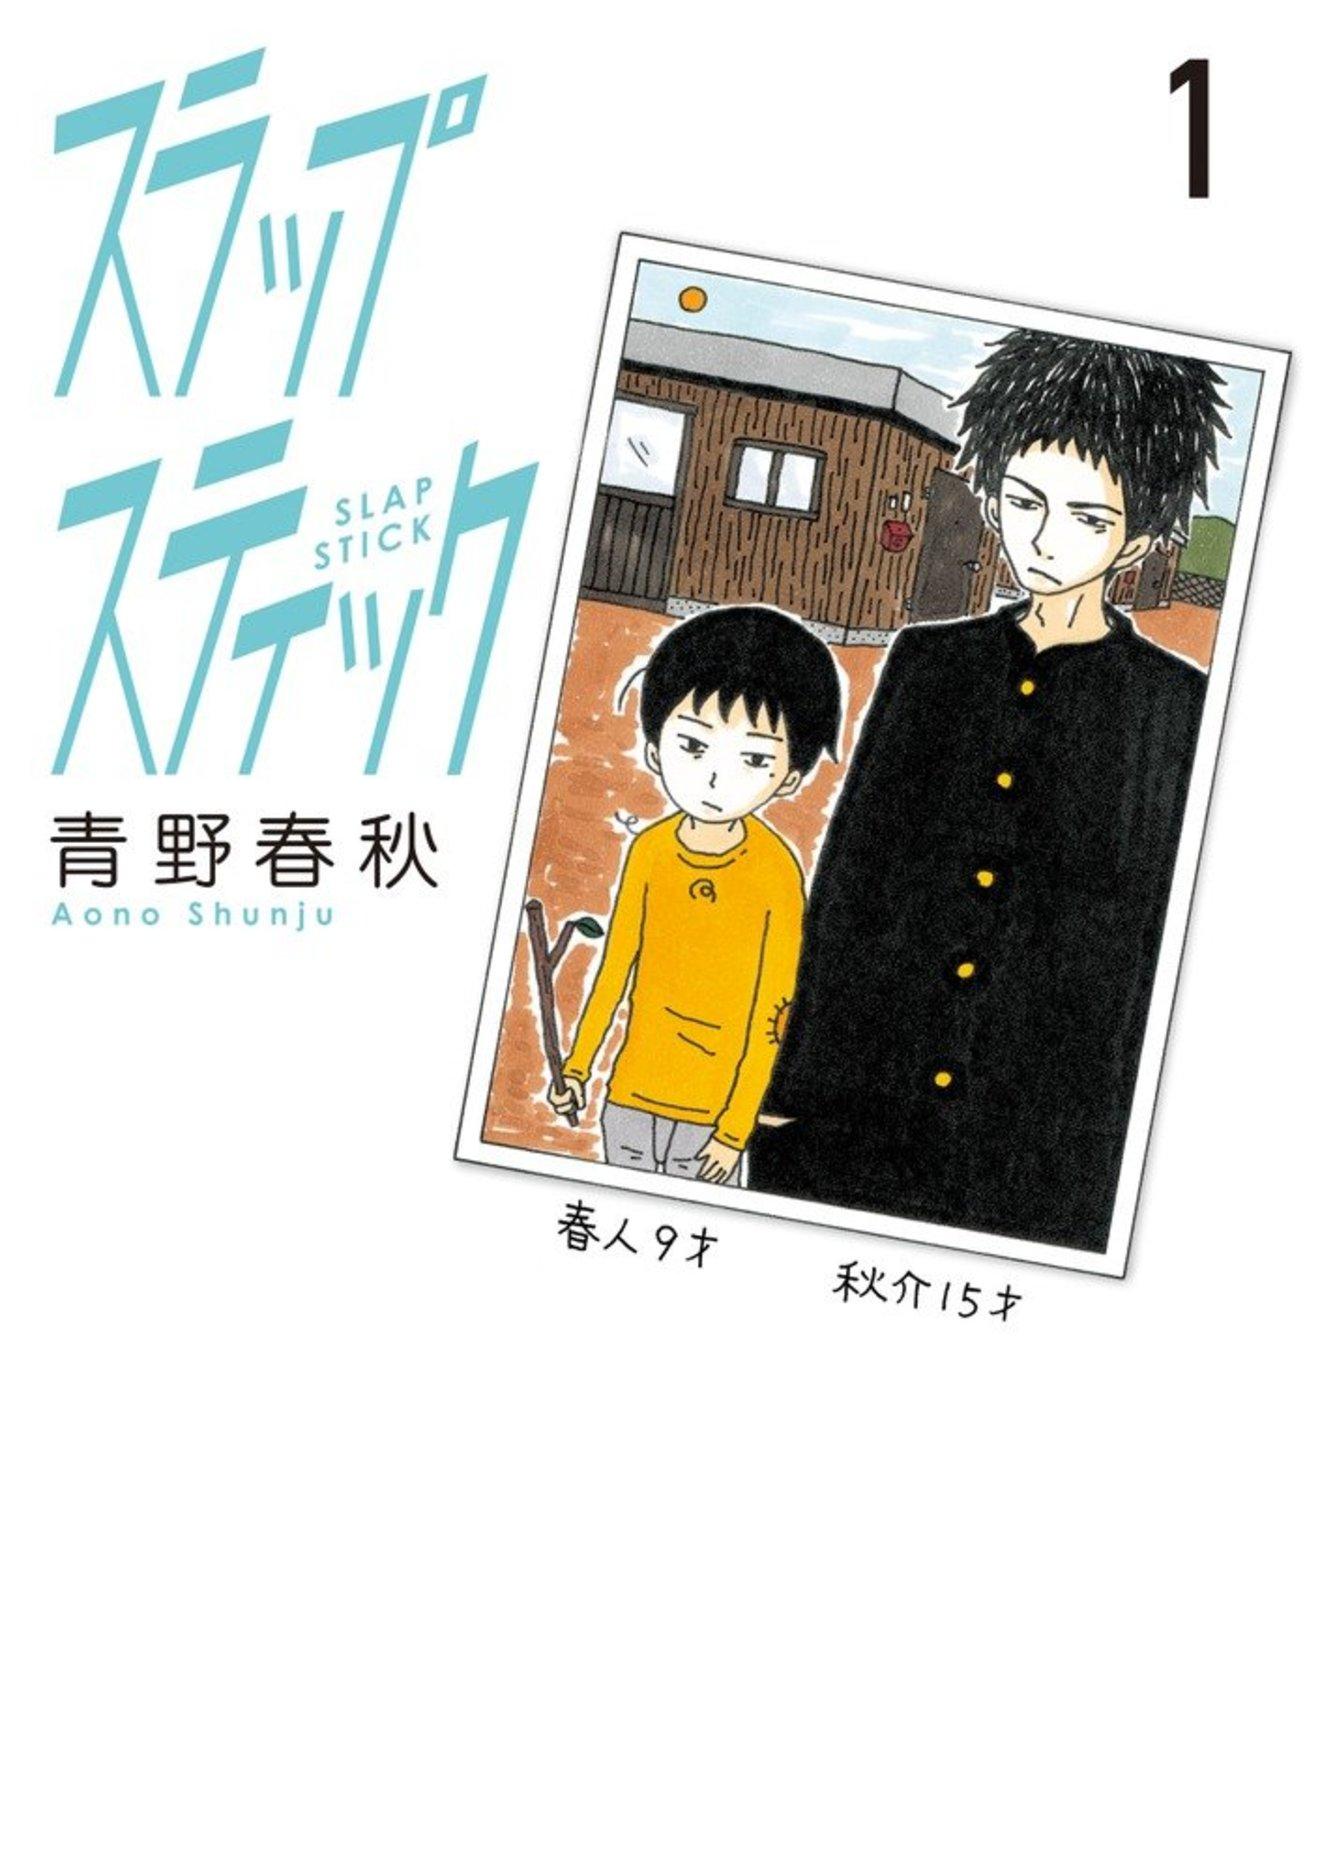 『スラップスティック』が無料!退廃的な日常漫画の見所を全巻ネタバレ紹介!